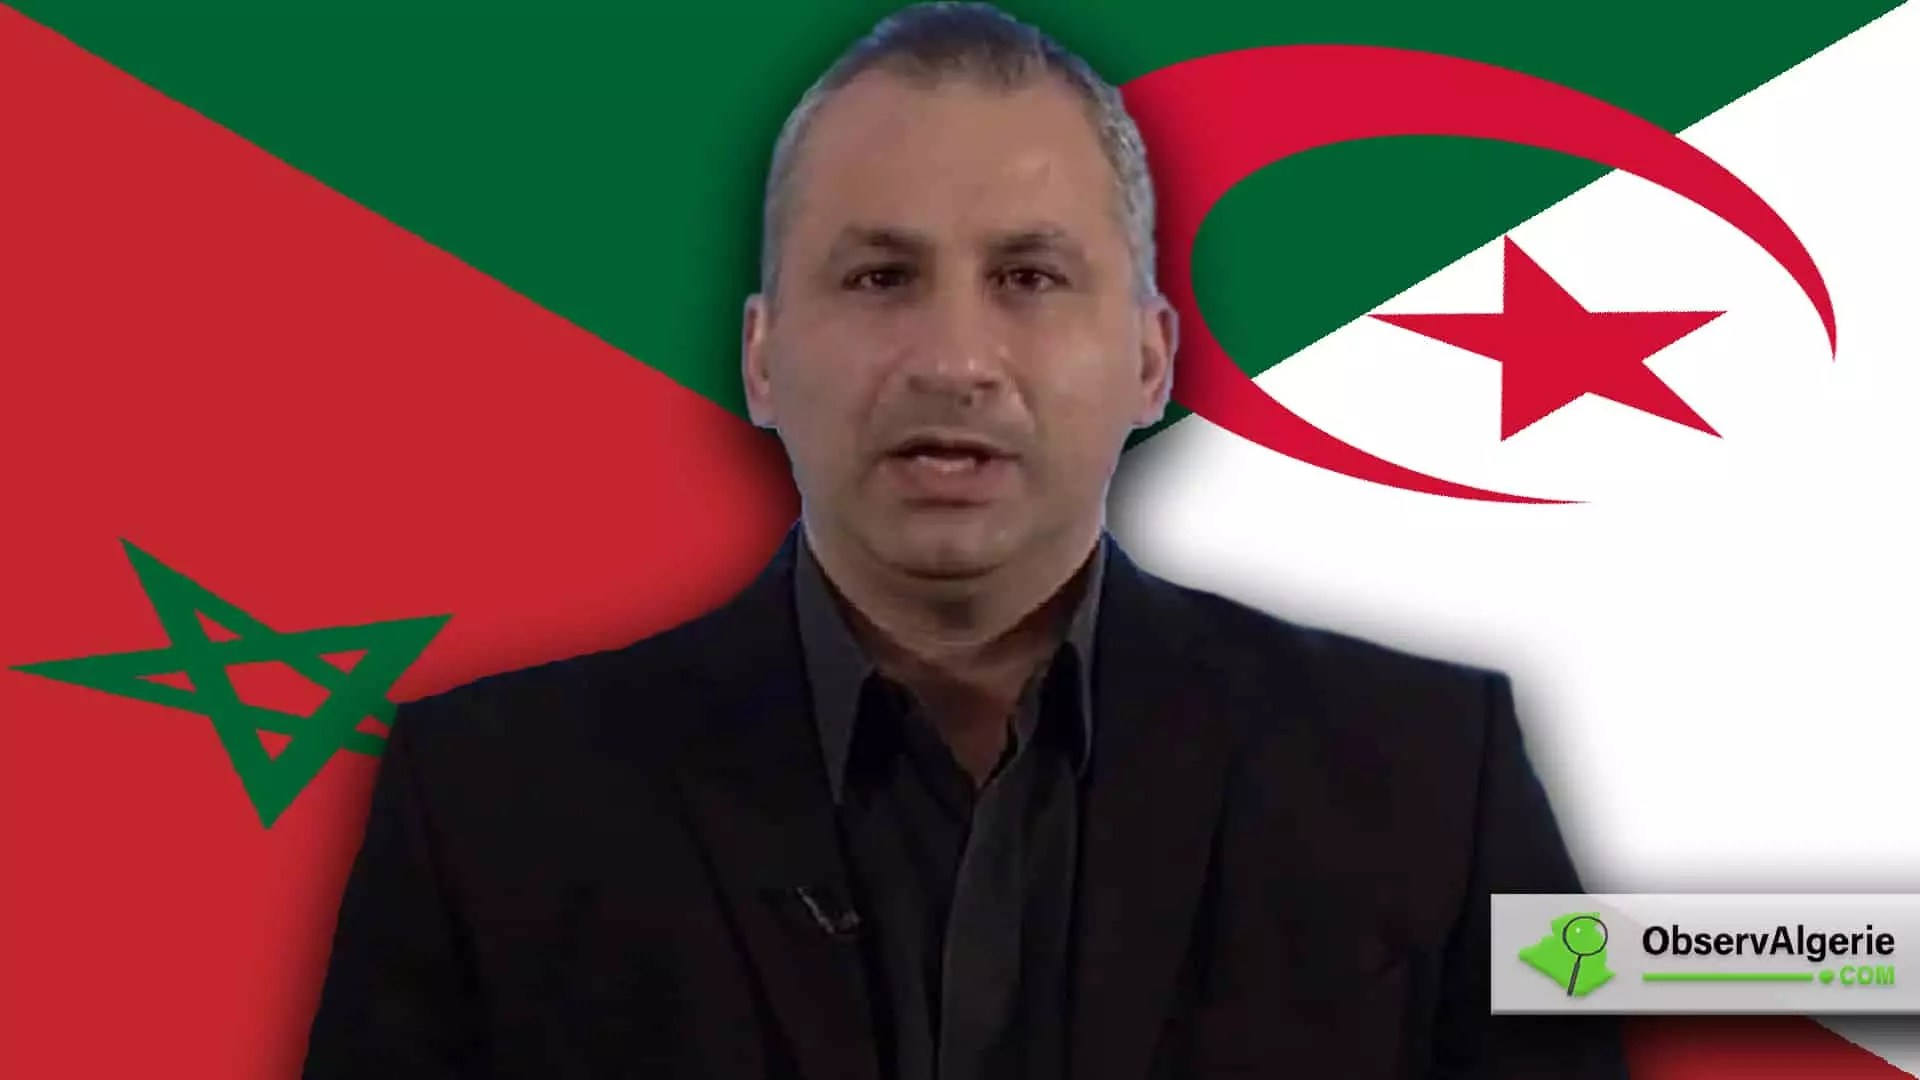 Un chercheur israélien défend le Maroc et s'en prend virulemment à l'Algérie